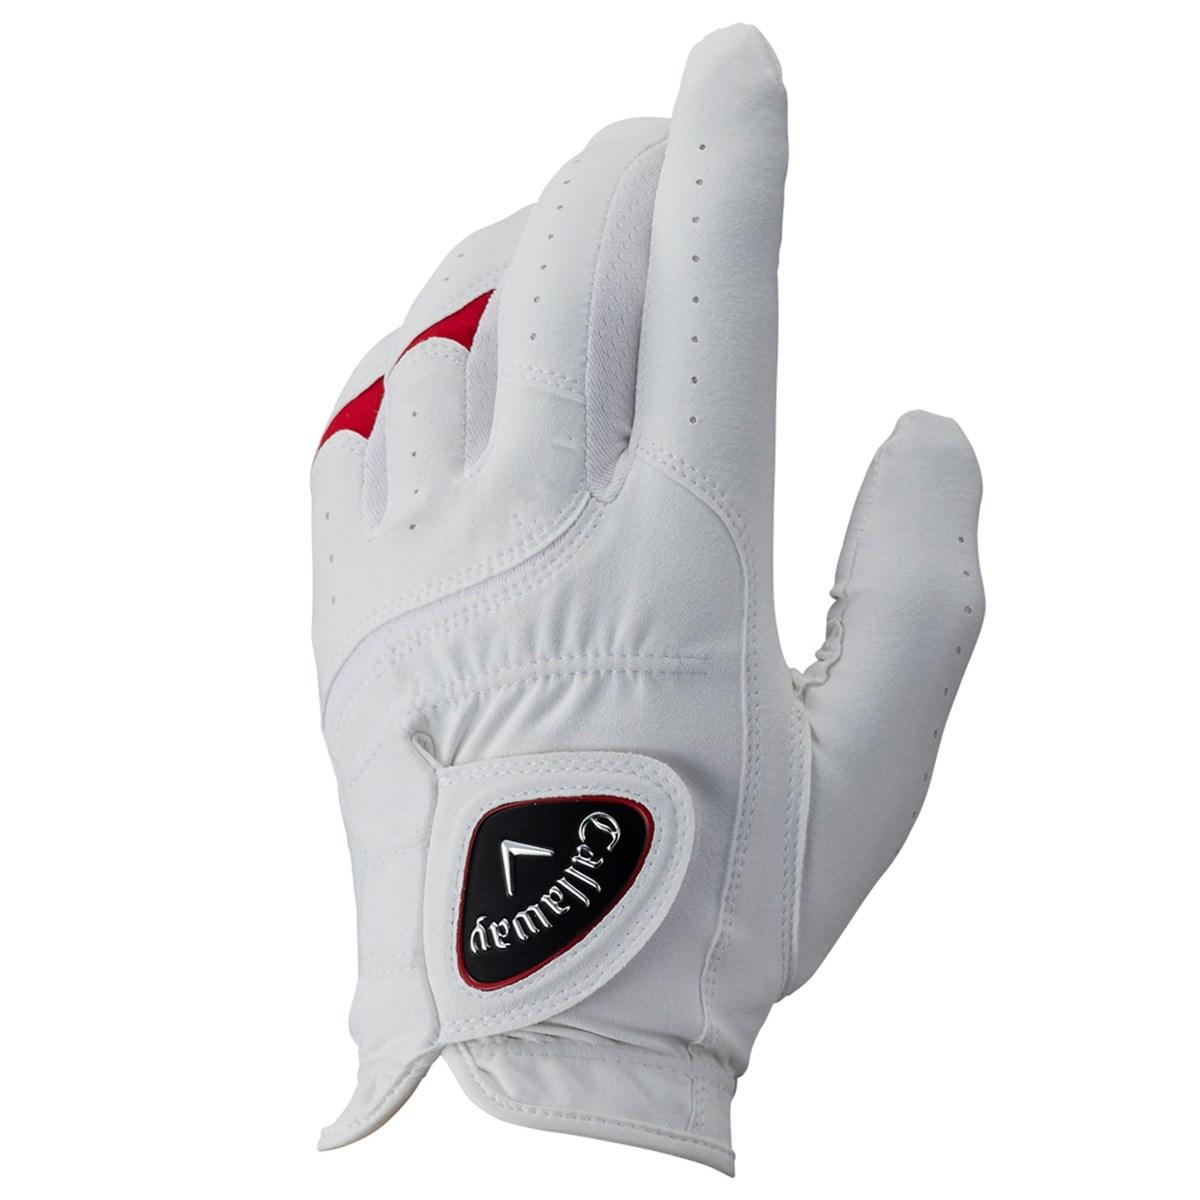 キャロウェイゴルフ Callaway Golf ALL WEATHER JM グローブ 24cm 左手着用(右利き用) ホワイト/レッド